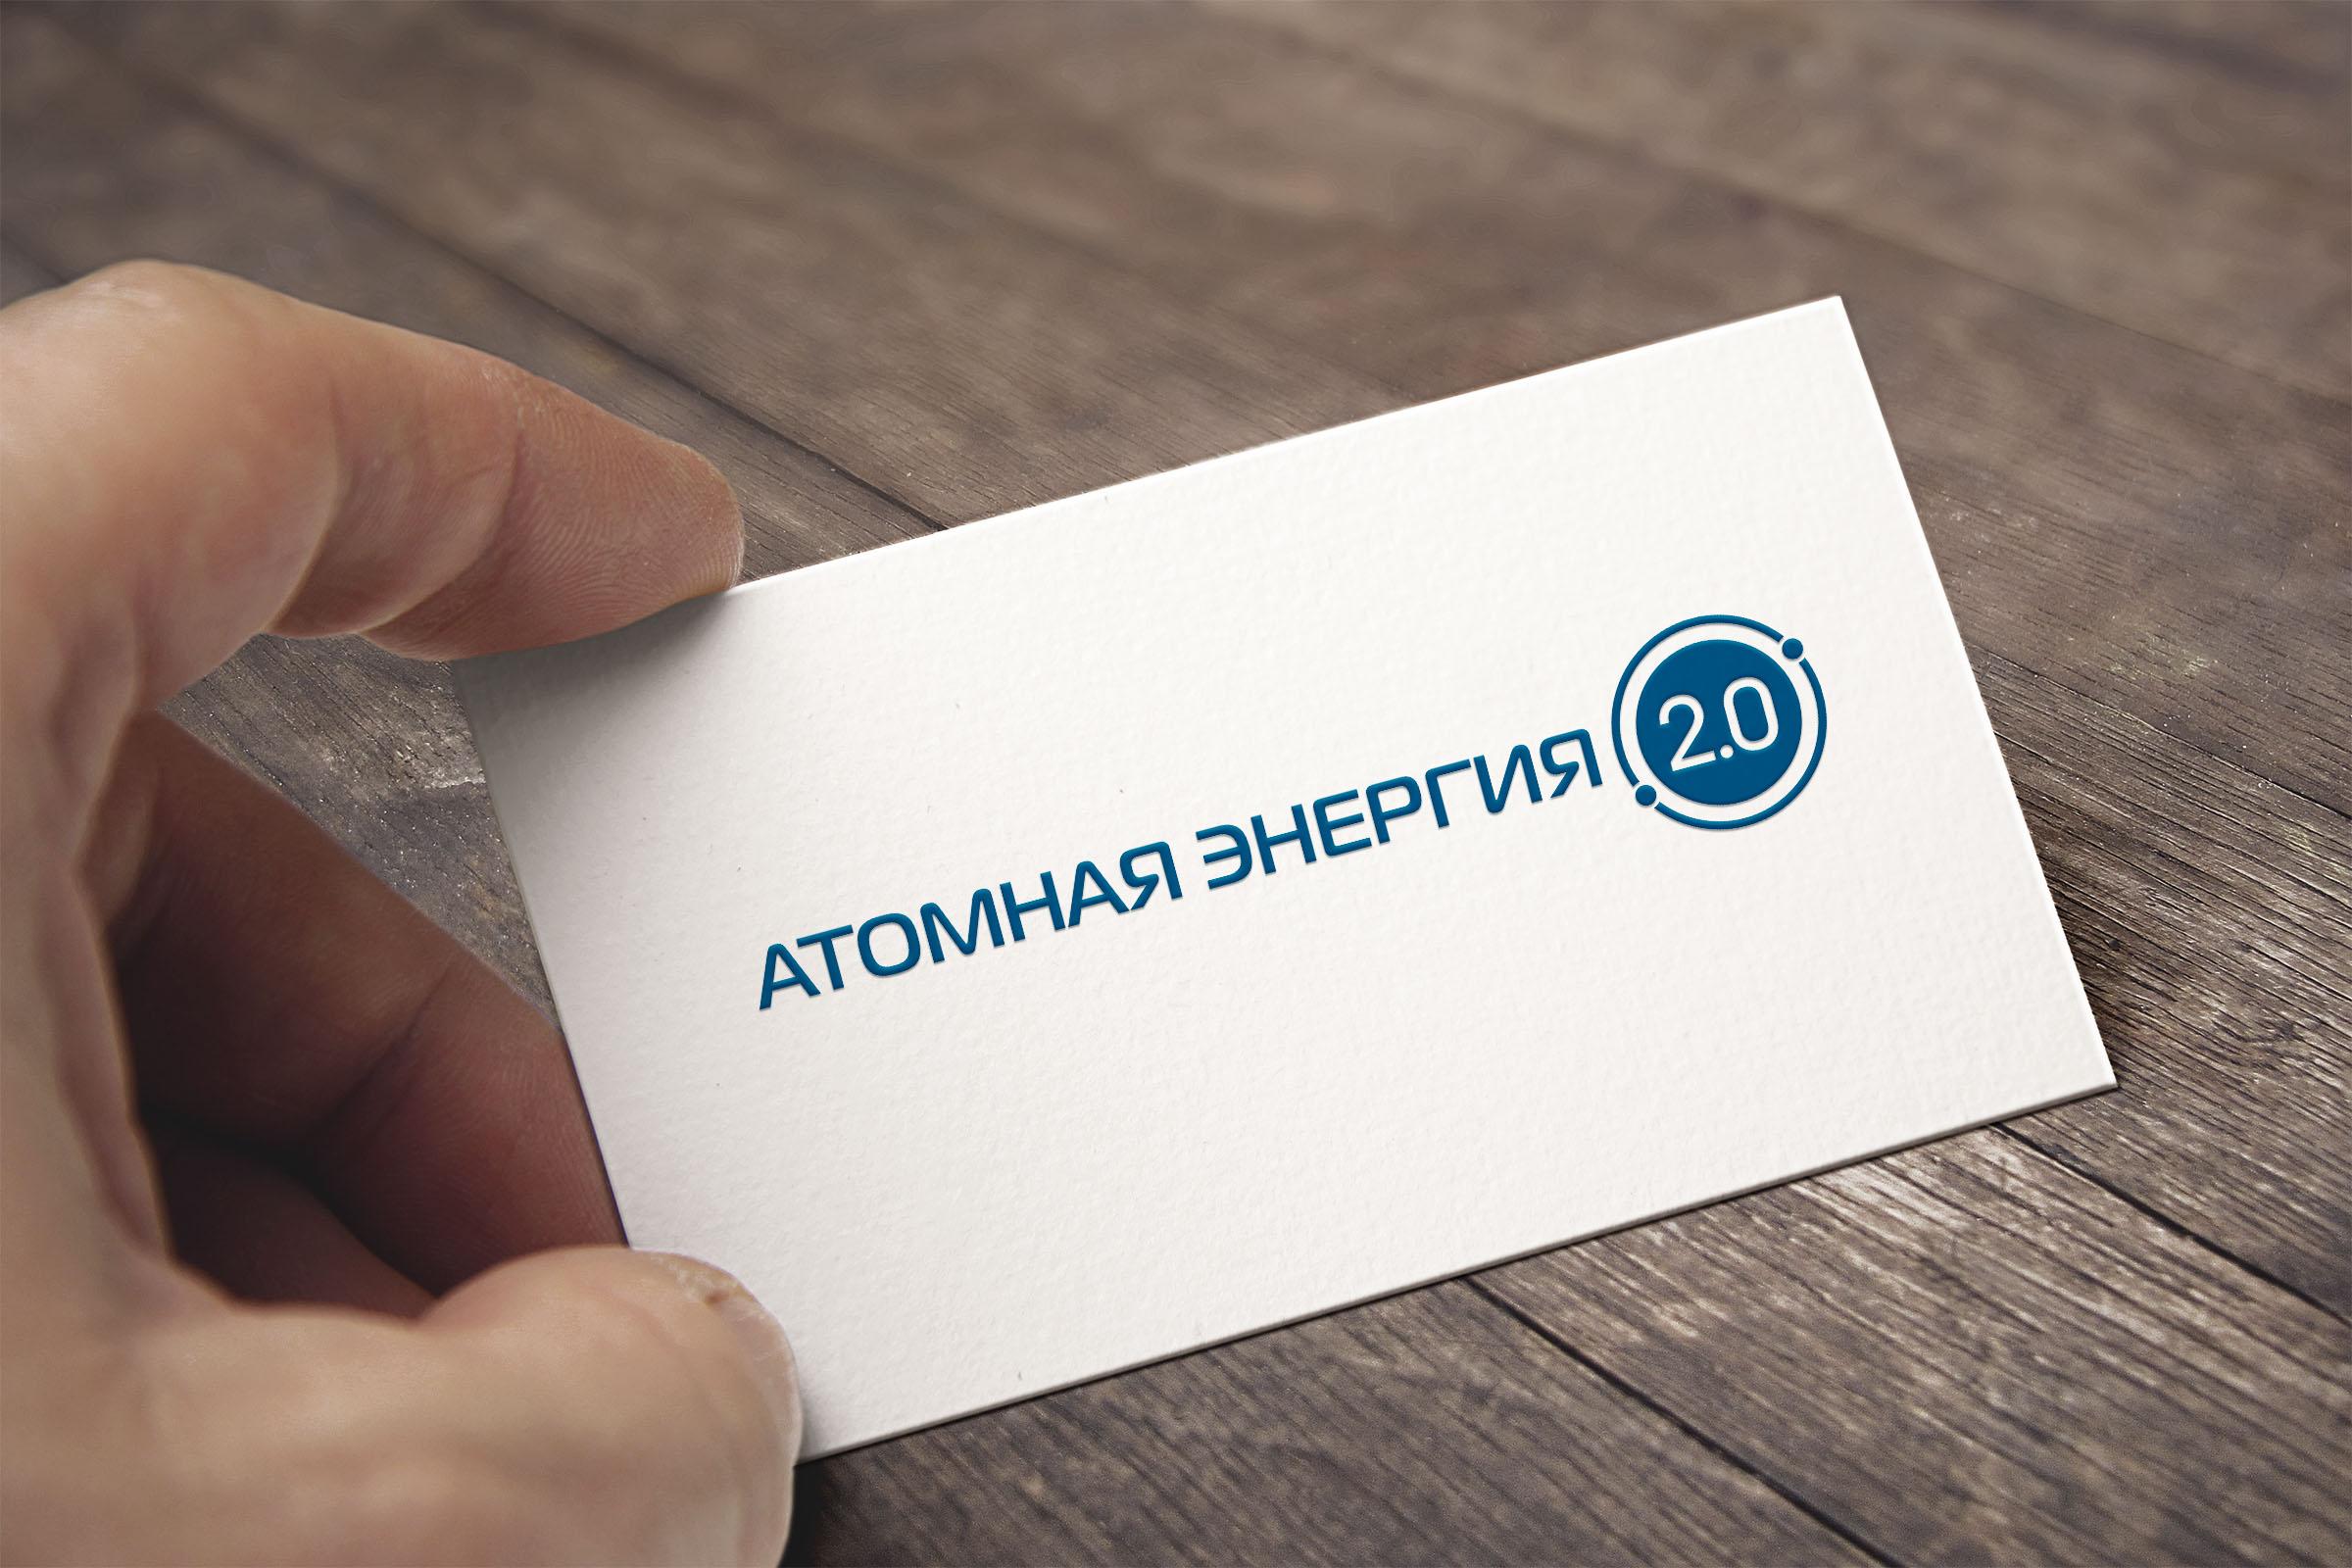 """Фирменный стиль для научного портала """"Атомная энергия 2.0"""" фото f_36959fc588686674.jpg"""